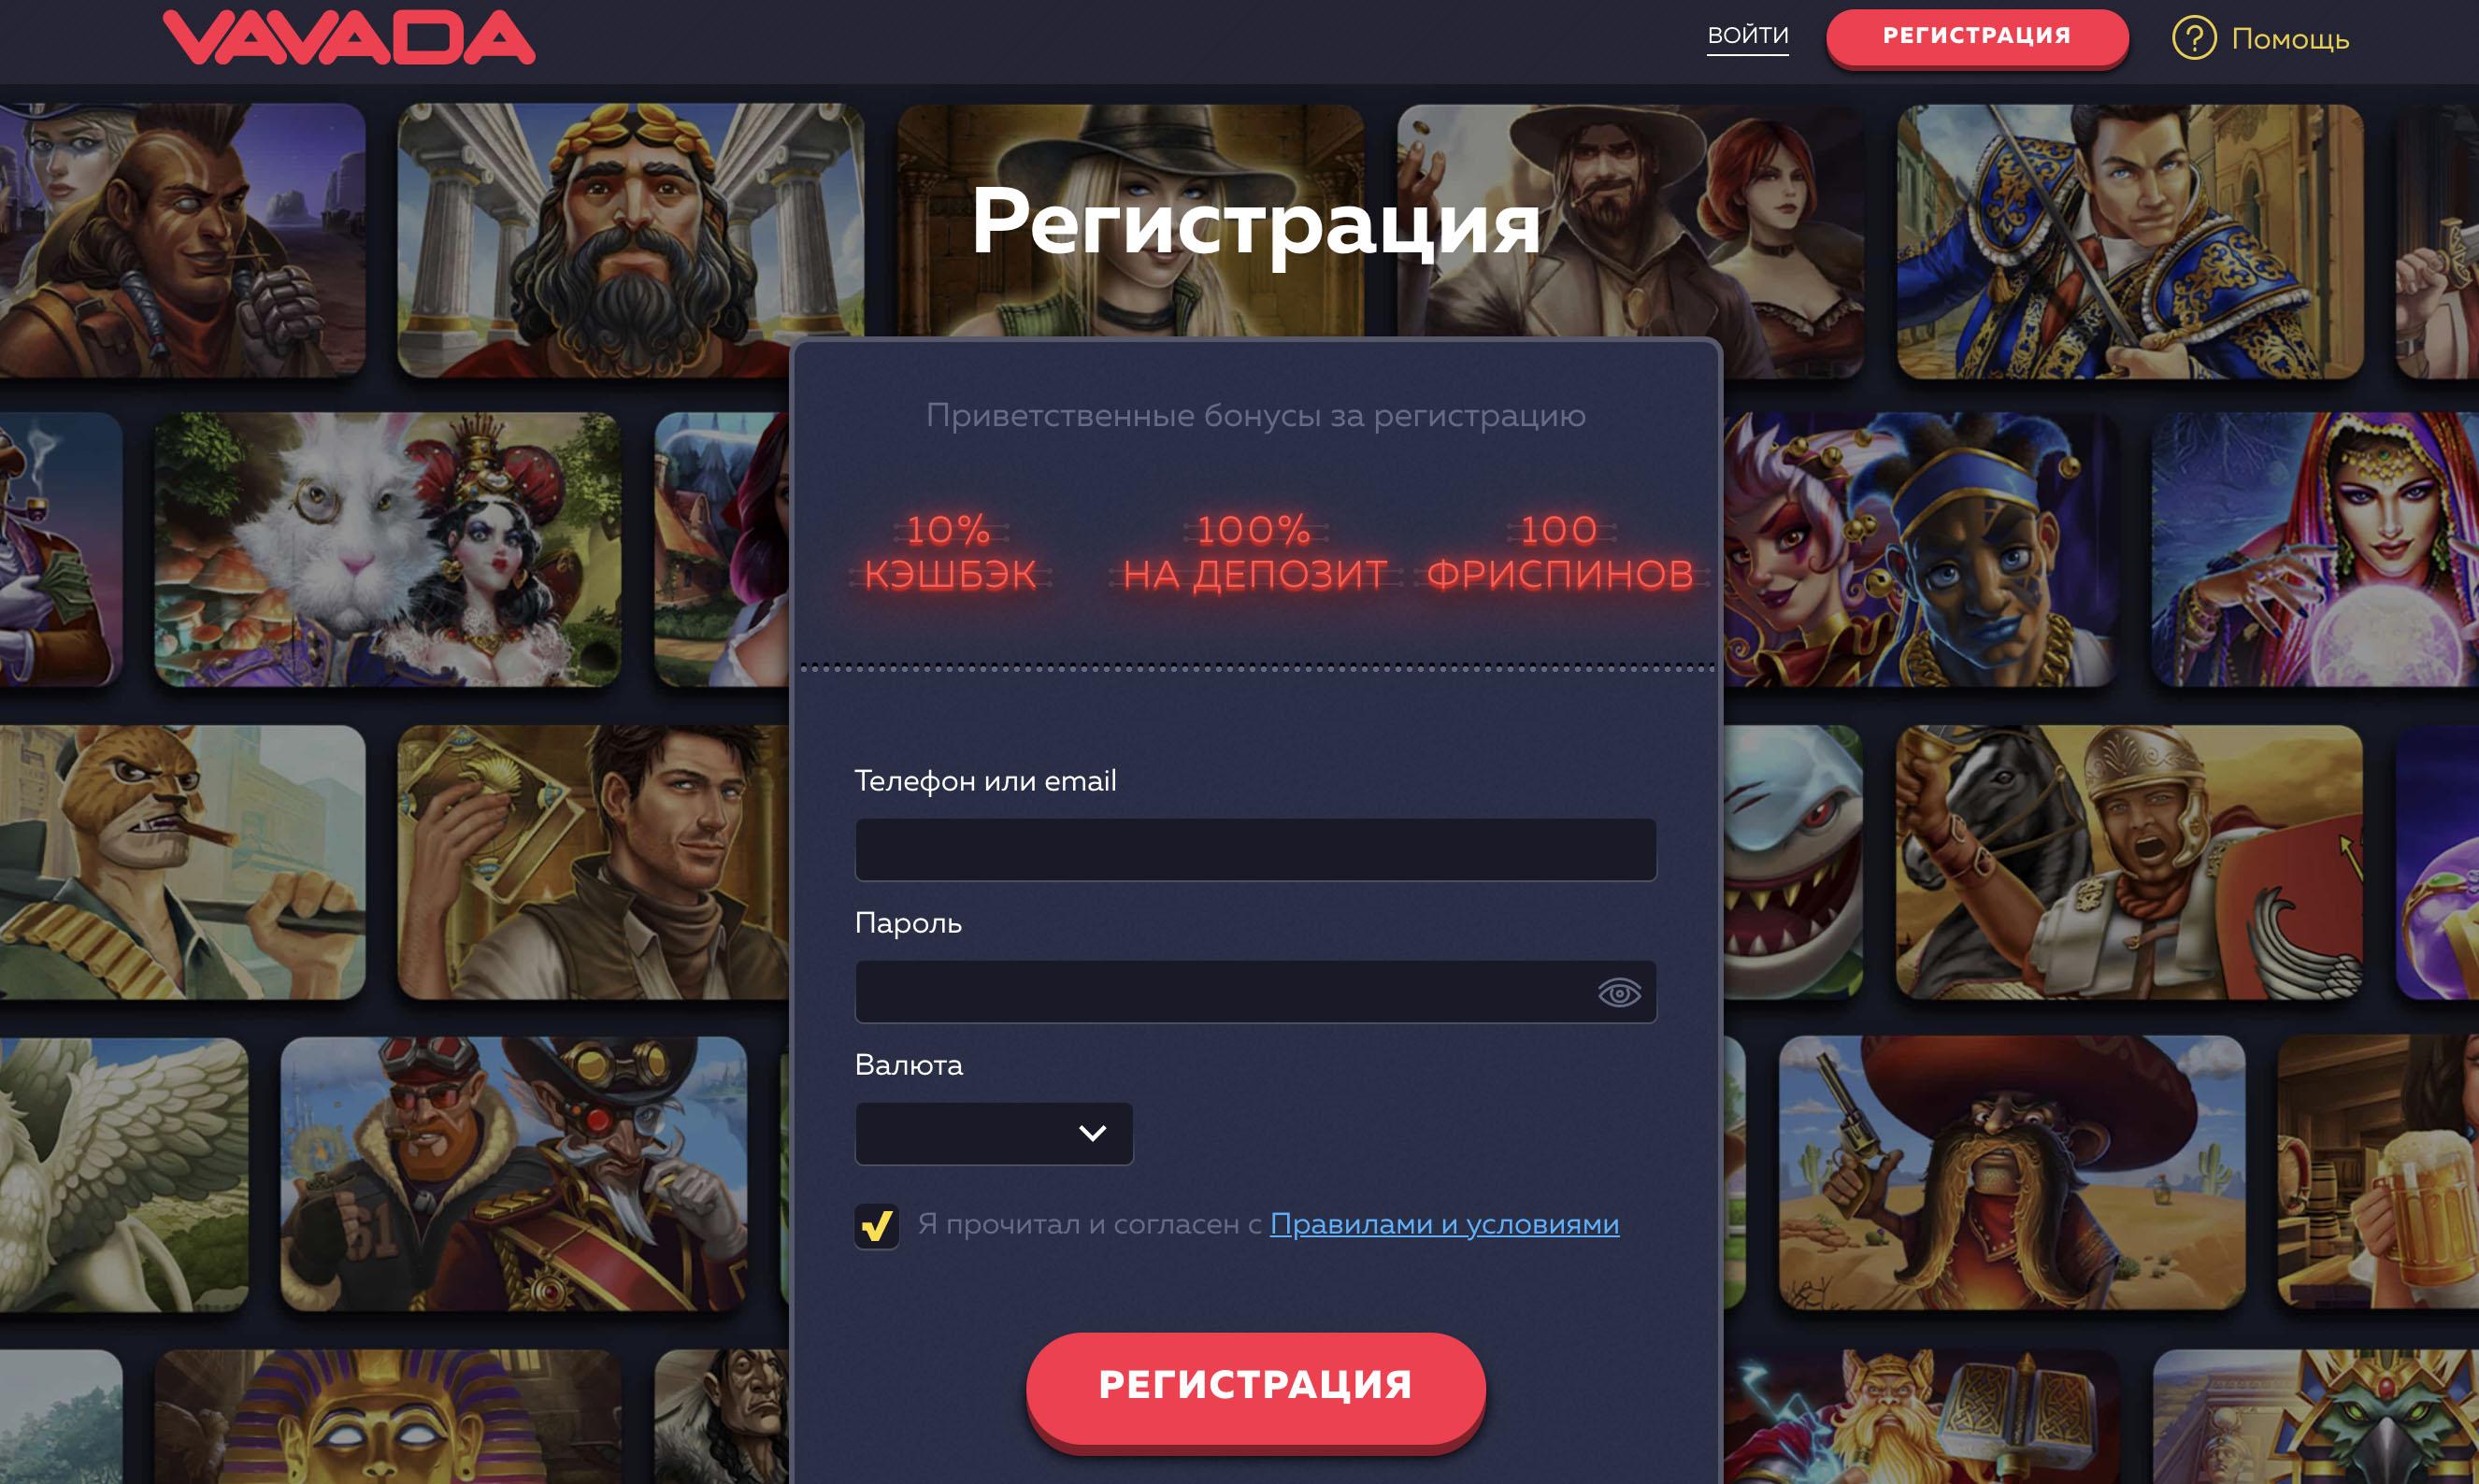 Доступный старт и хорошая поддержка: обзор онлайн-казино VAVADA